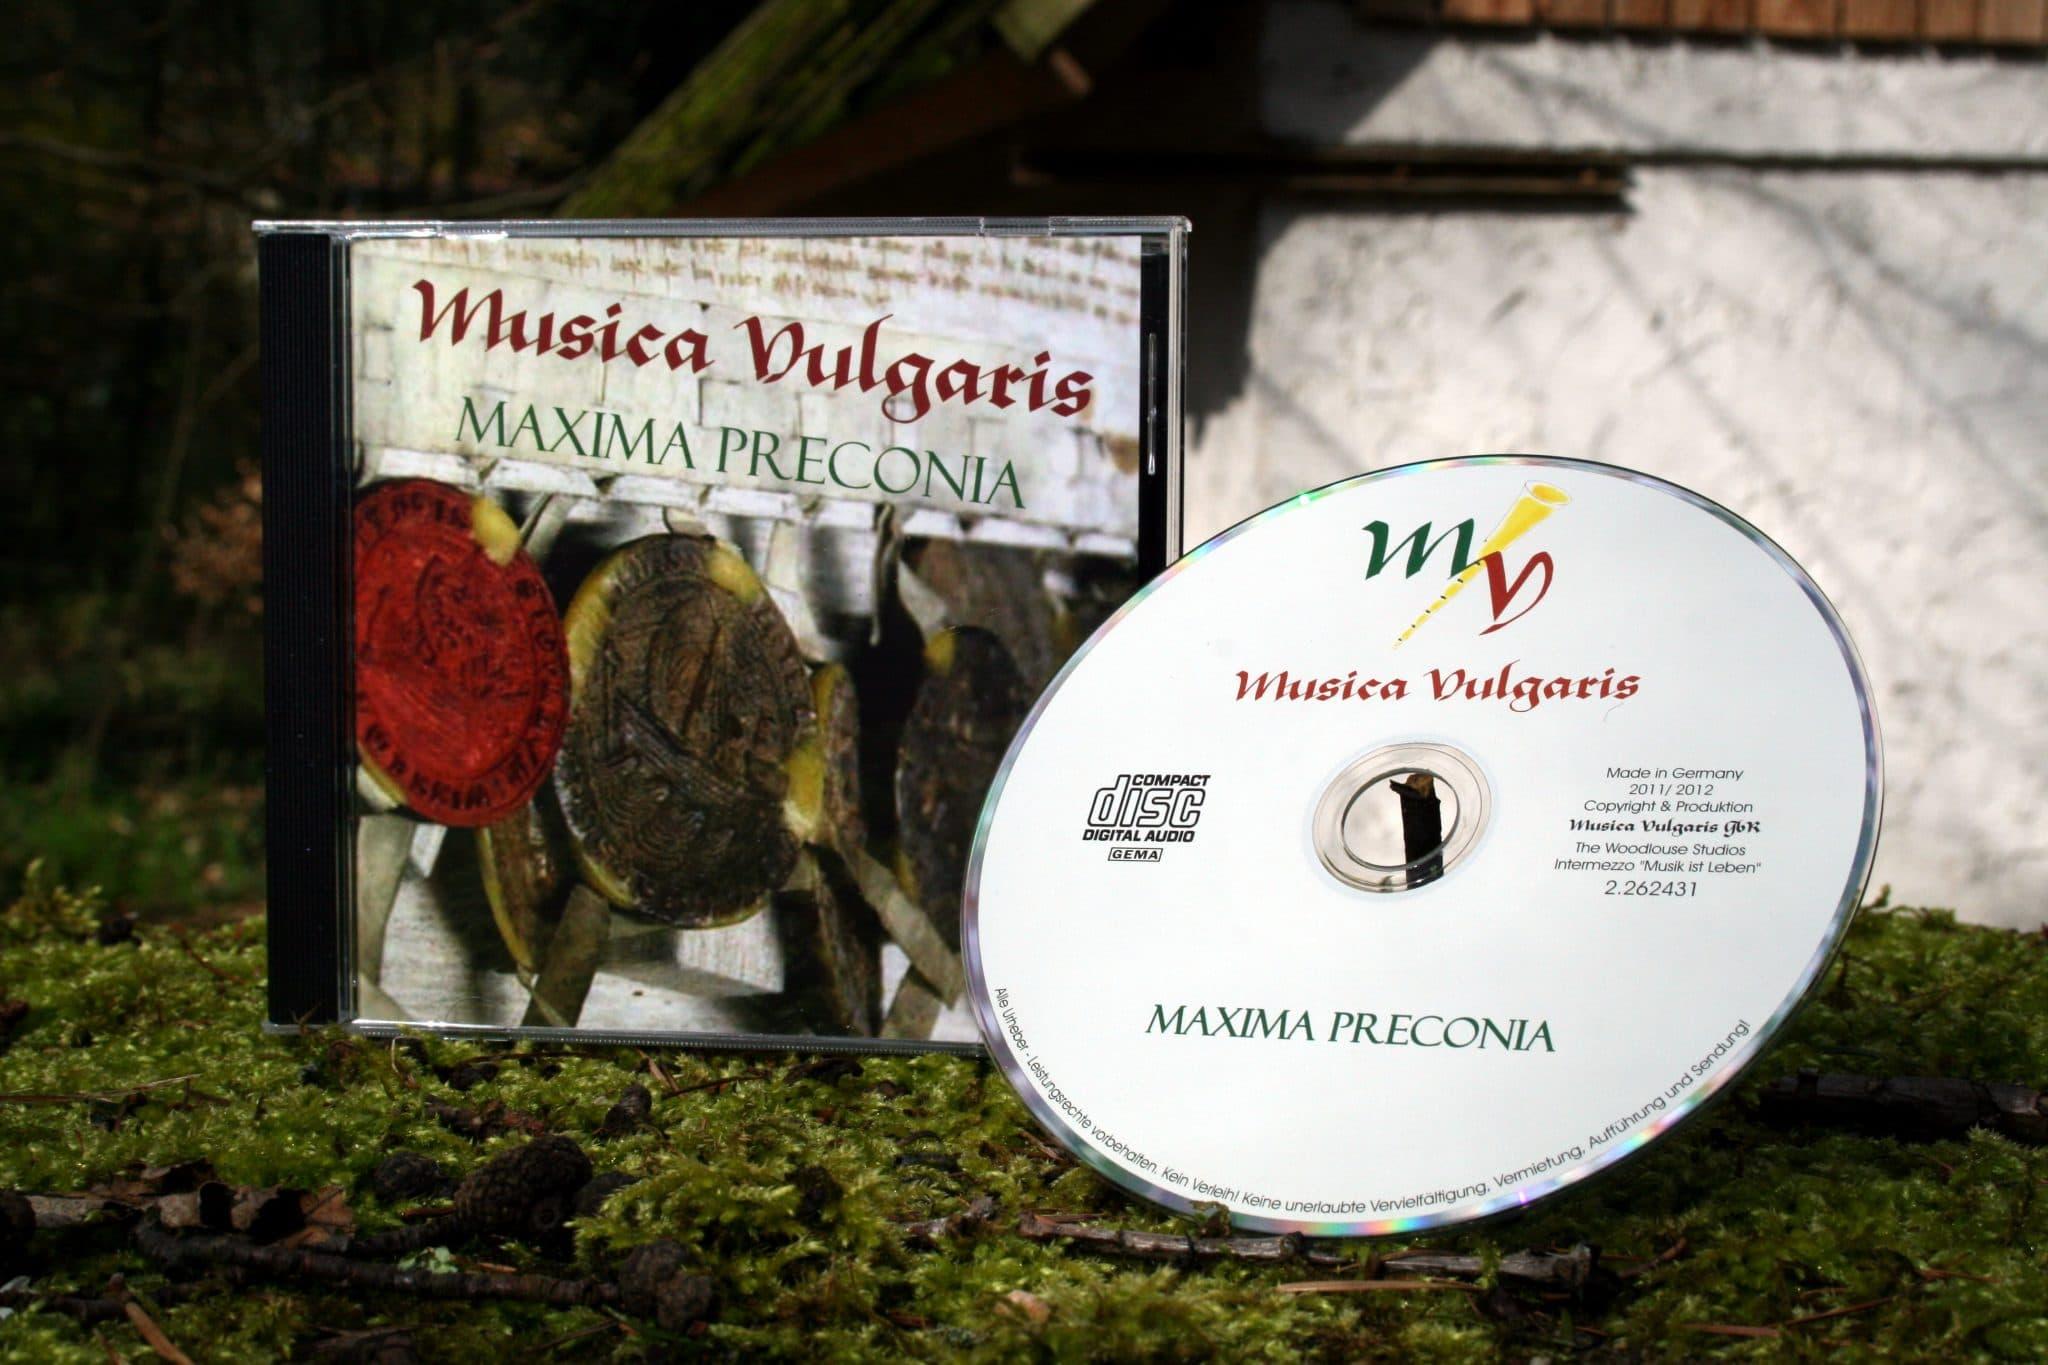 Musica Vulgaris - Ganz was es vermuten lässt? - Bretonische Tänze, Drehleier, Dudelsack, Flöte, Frankreich, Gitarre, Great Highland Bagpipe, Harfe, Hümmelchen, Laute, Mittelalter, Rahmentrommel, Schottland, traditionelle Lieder